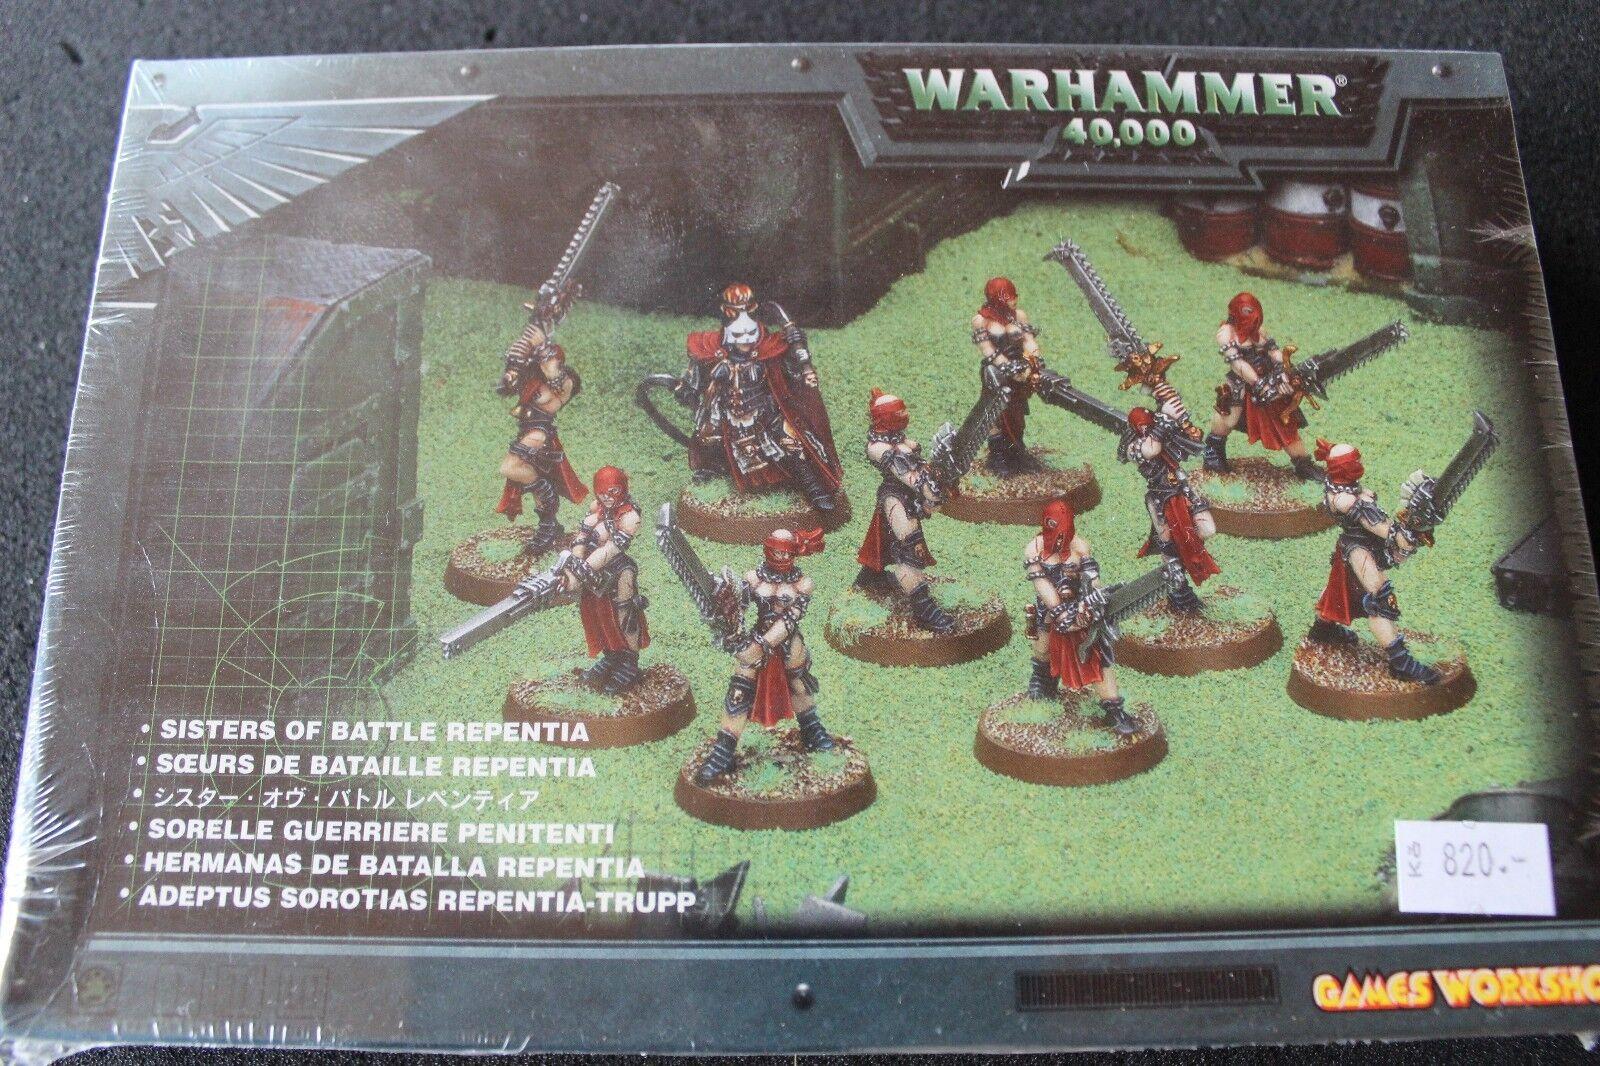 Juegos taller Warhammer 40k Hermanas de Batalla hermanas repentia 10 Figuras De Metal